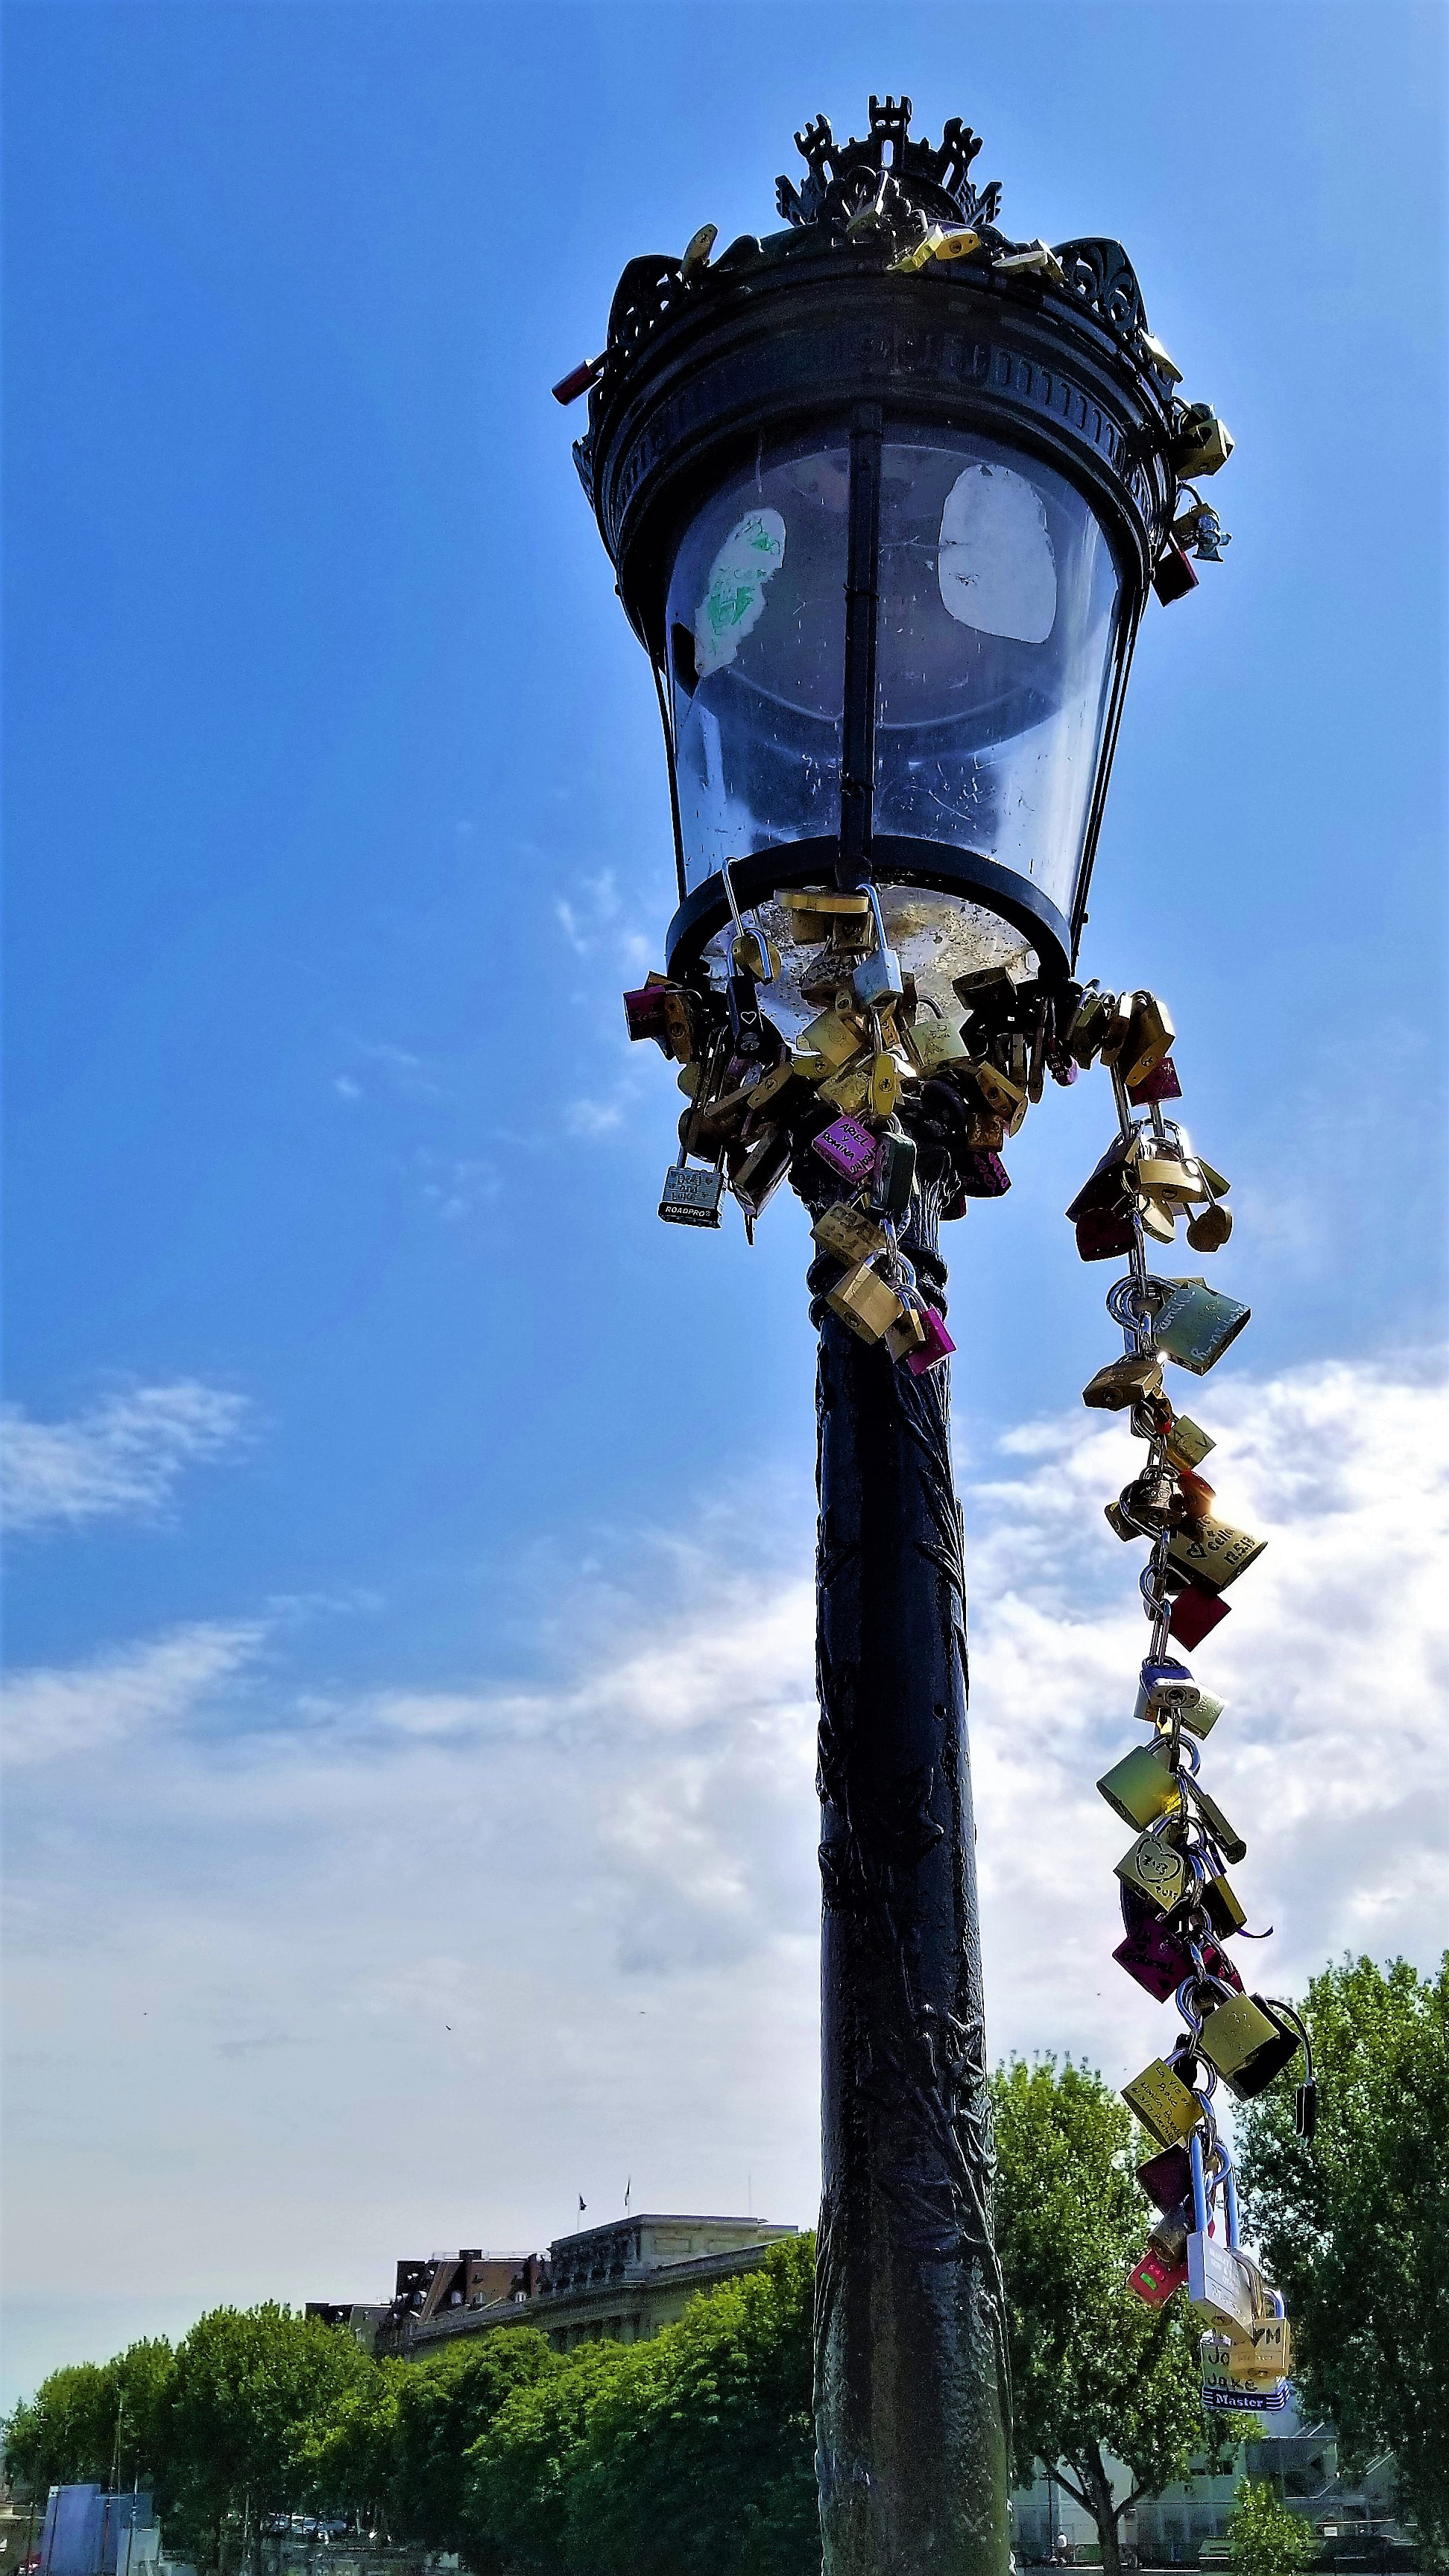 Locks on Lamp Posts